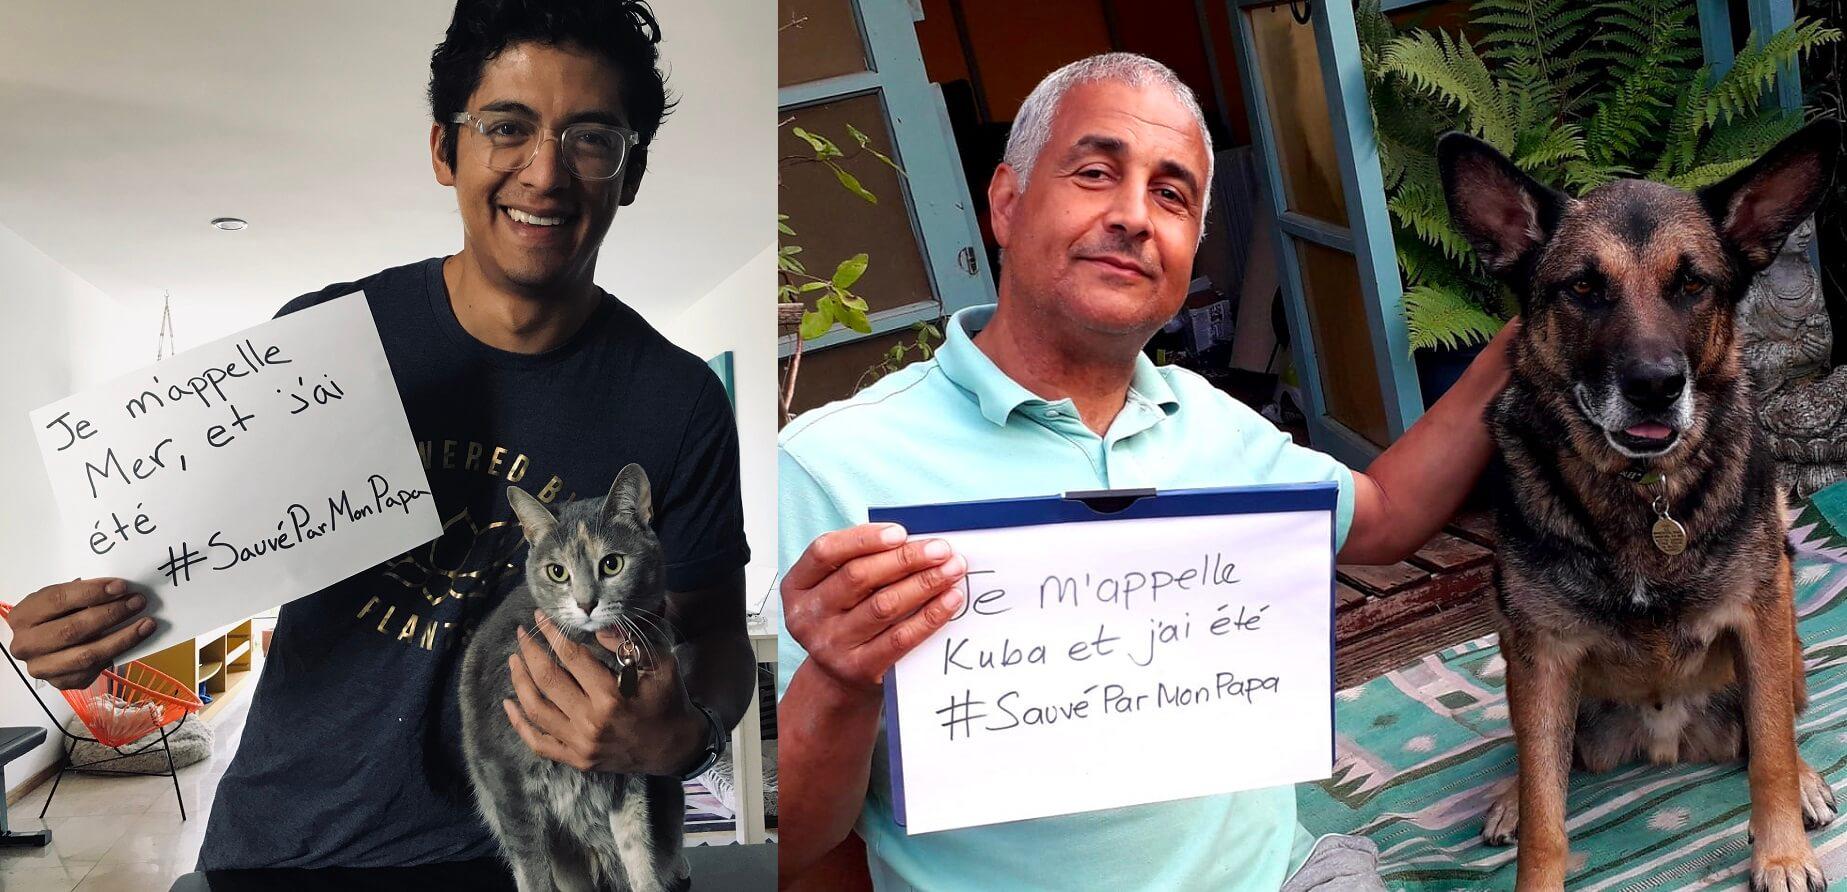 #SauvéParMonPapa : célébrez la fête des Pères avec ces animaux chanceux